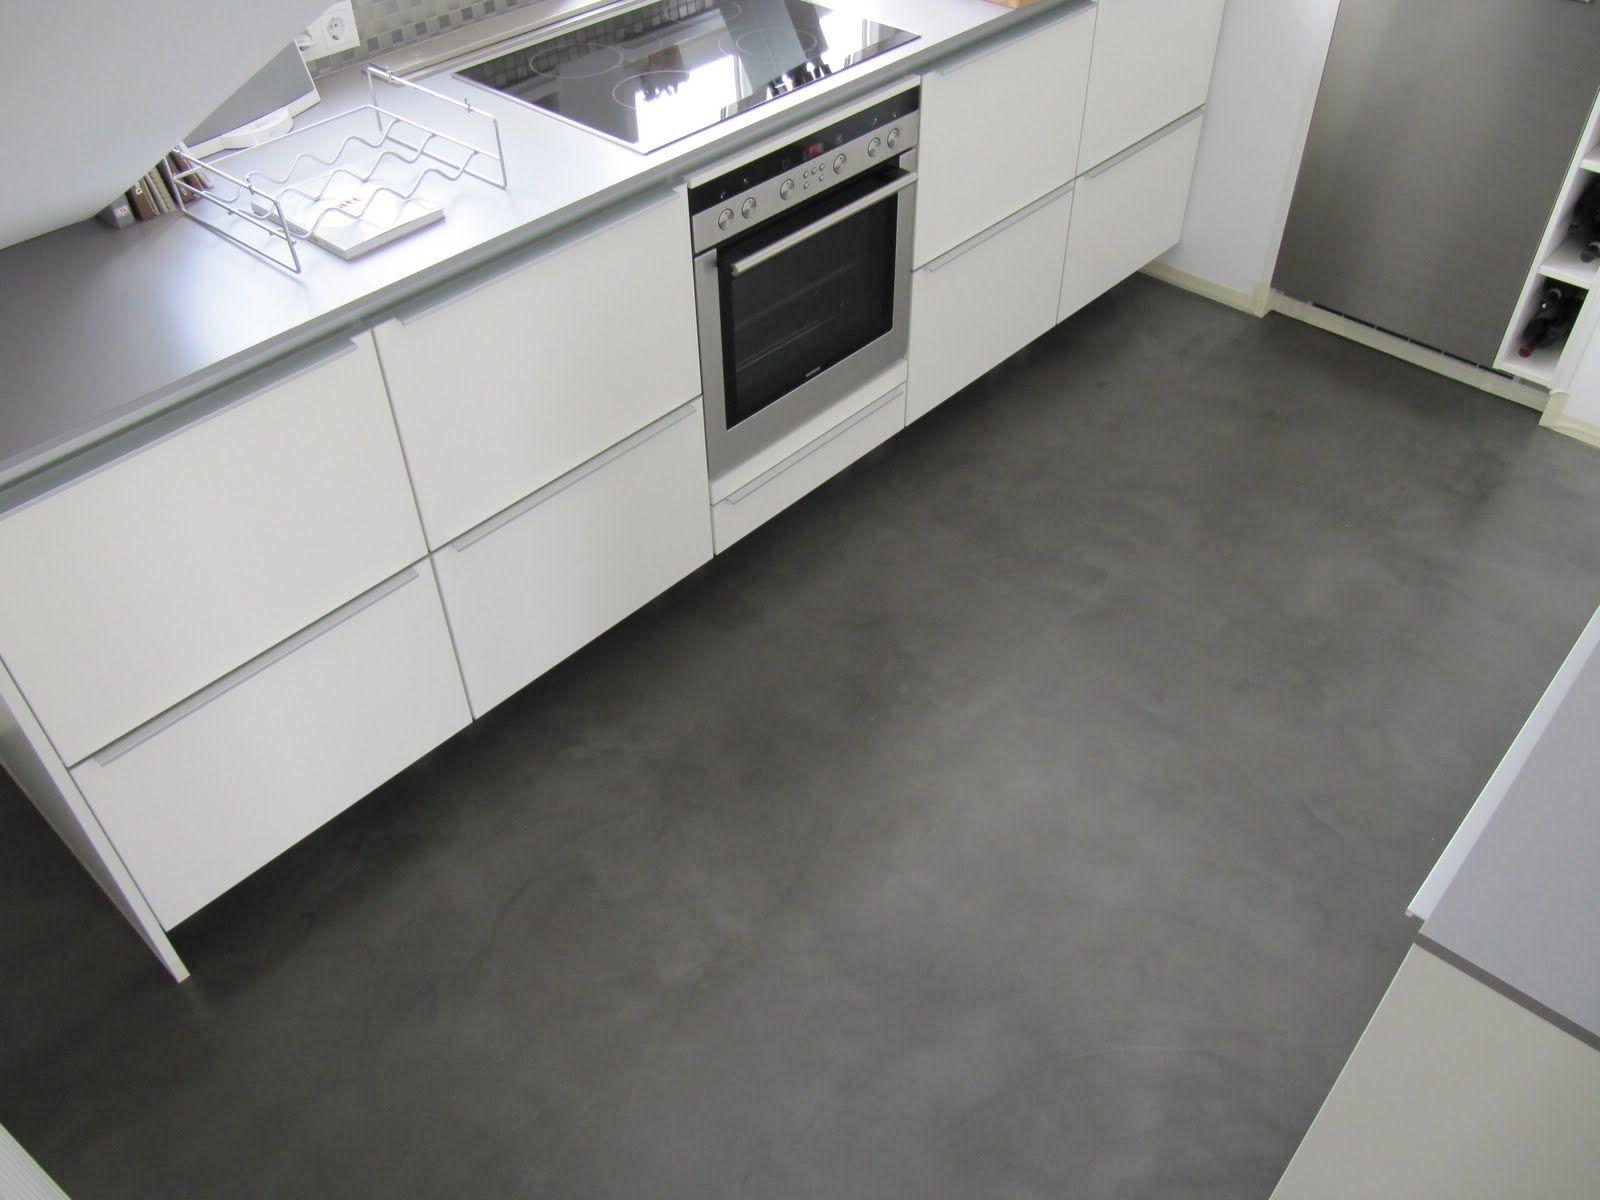 Fußboden Aus Beton ~ Fußboden beton details zu ziro ceralan plus mineral designboden